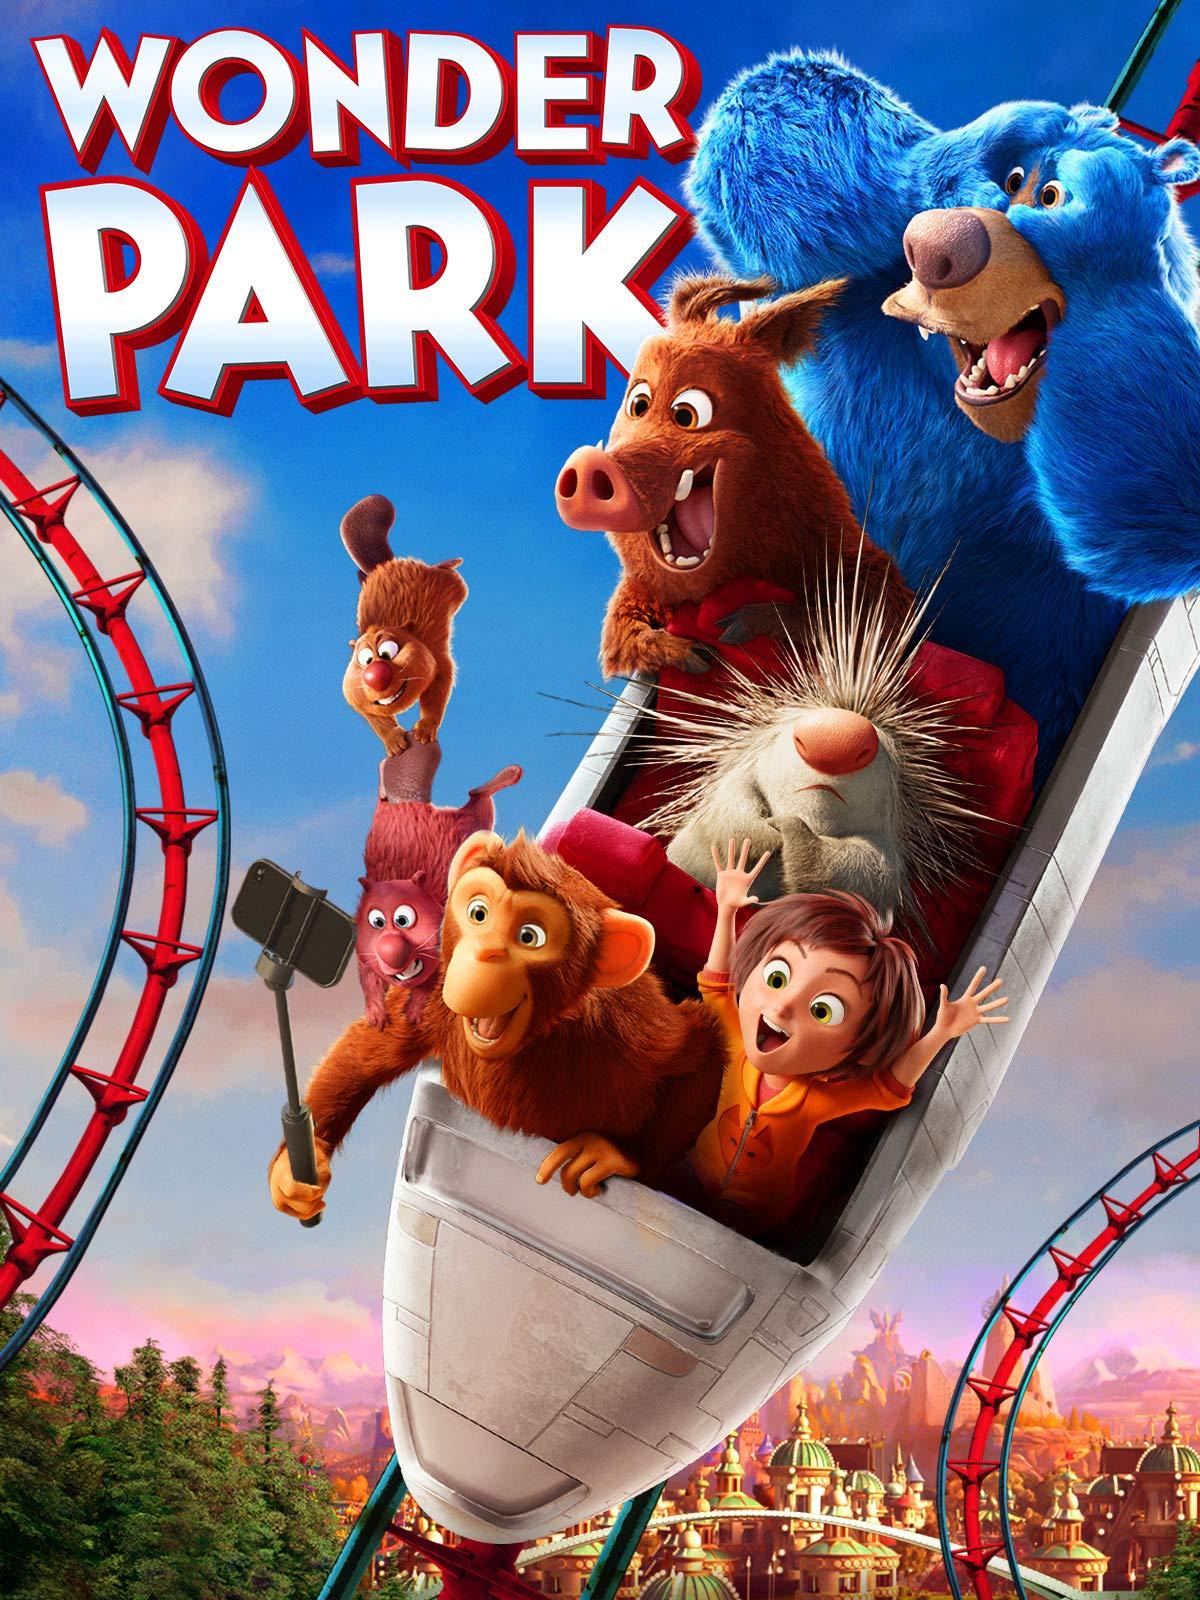 Image result for Wonder Park Movie